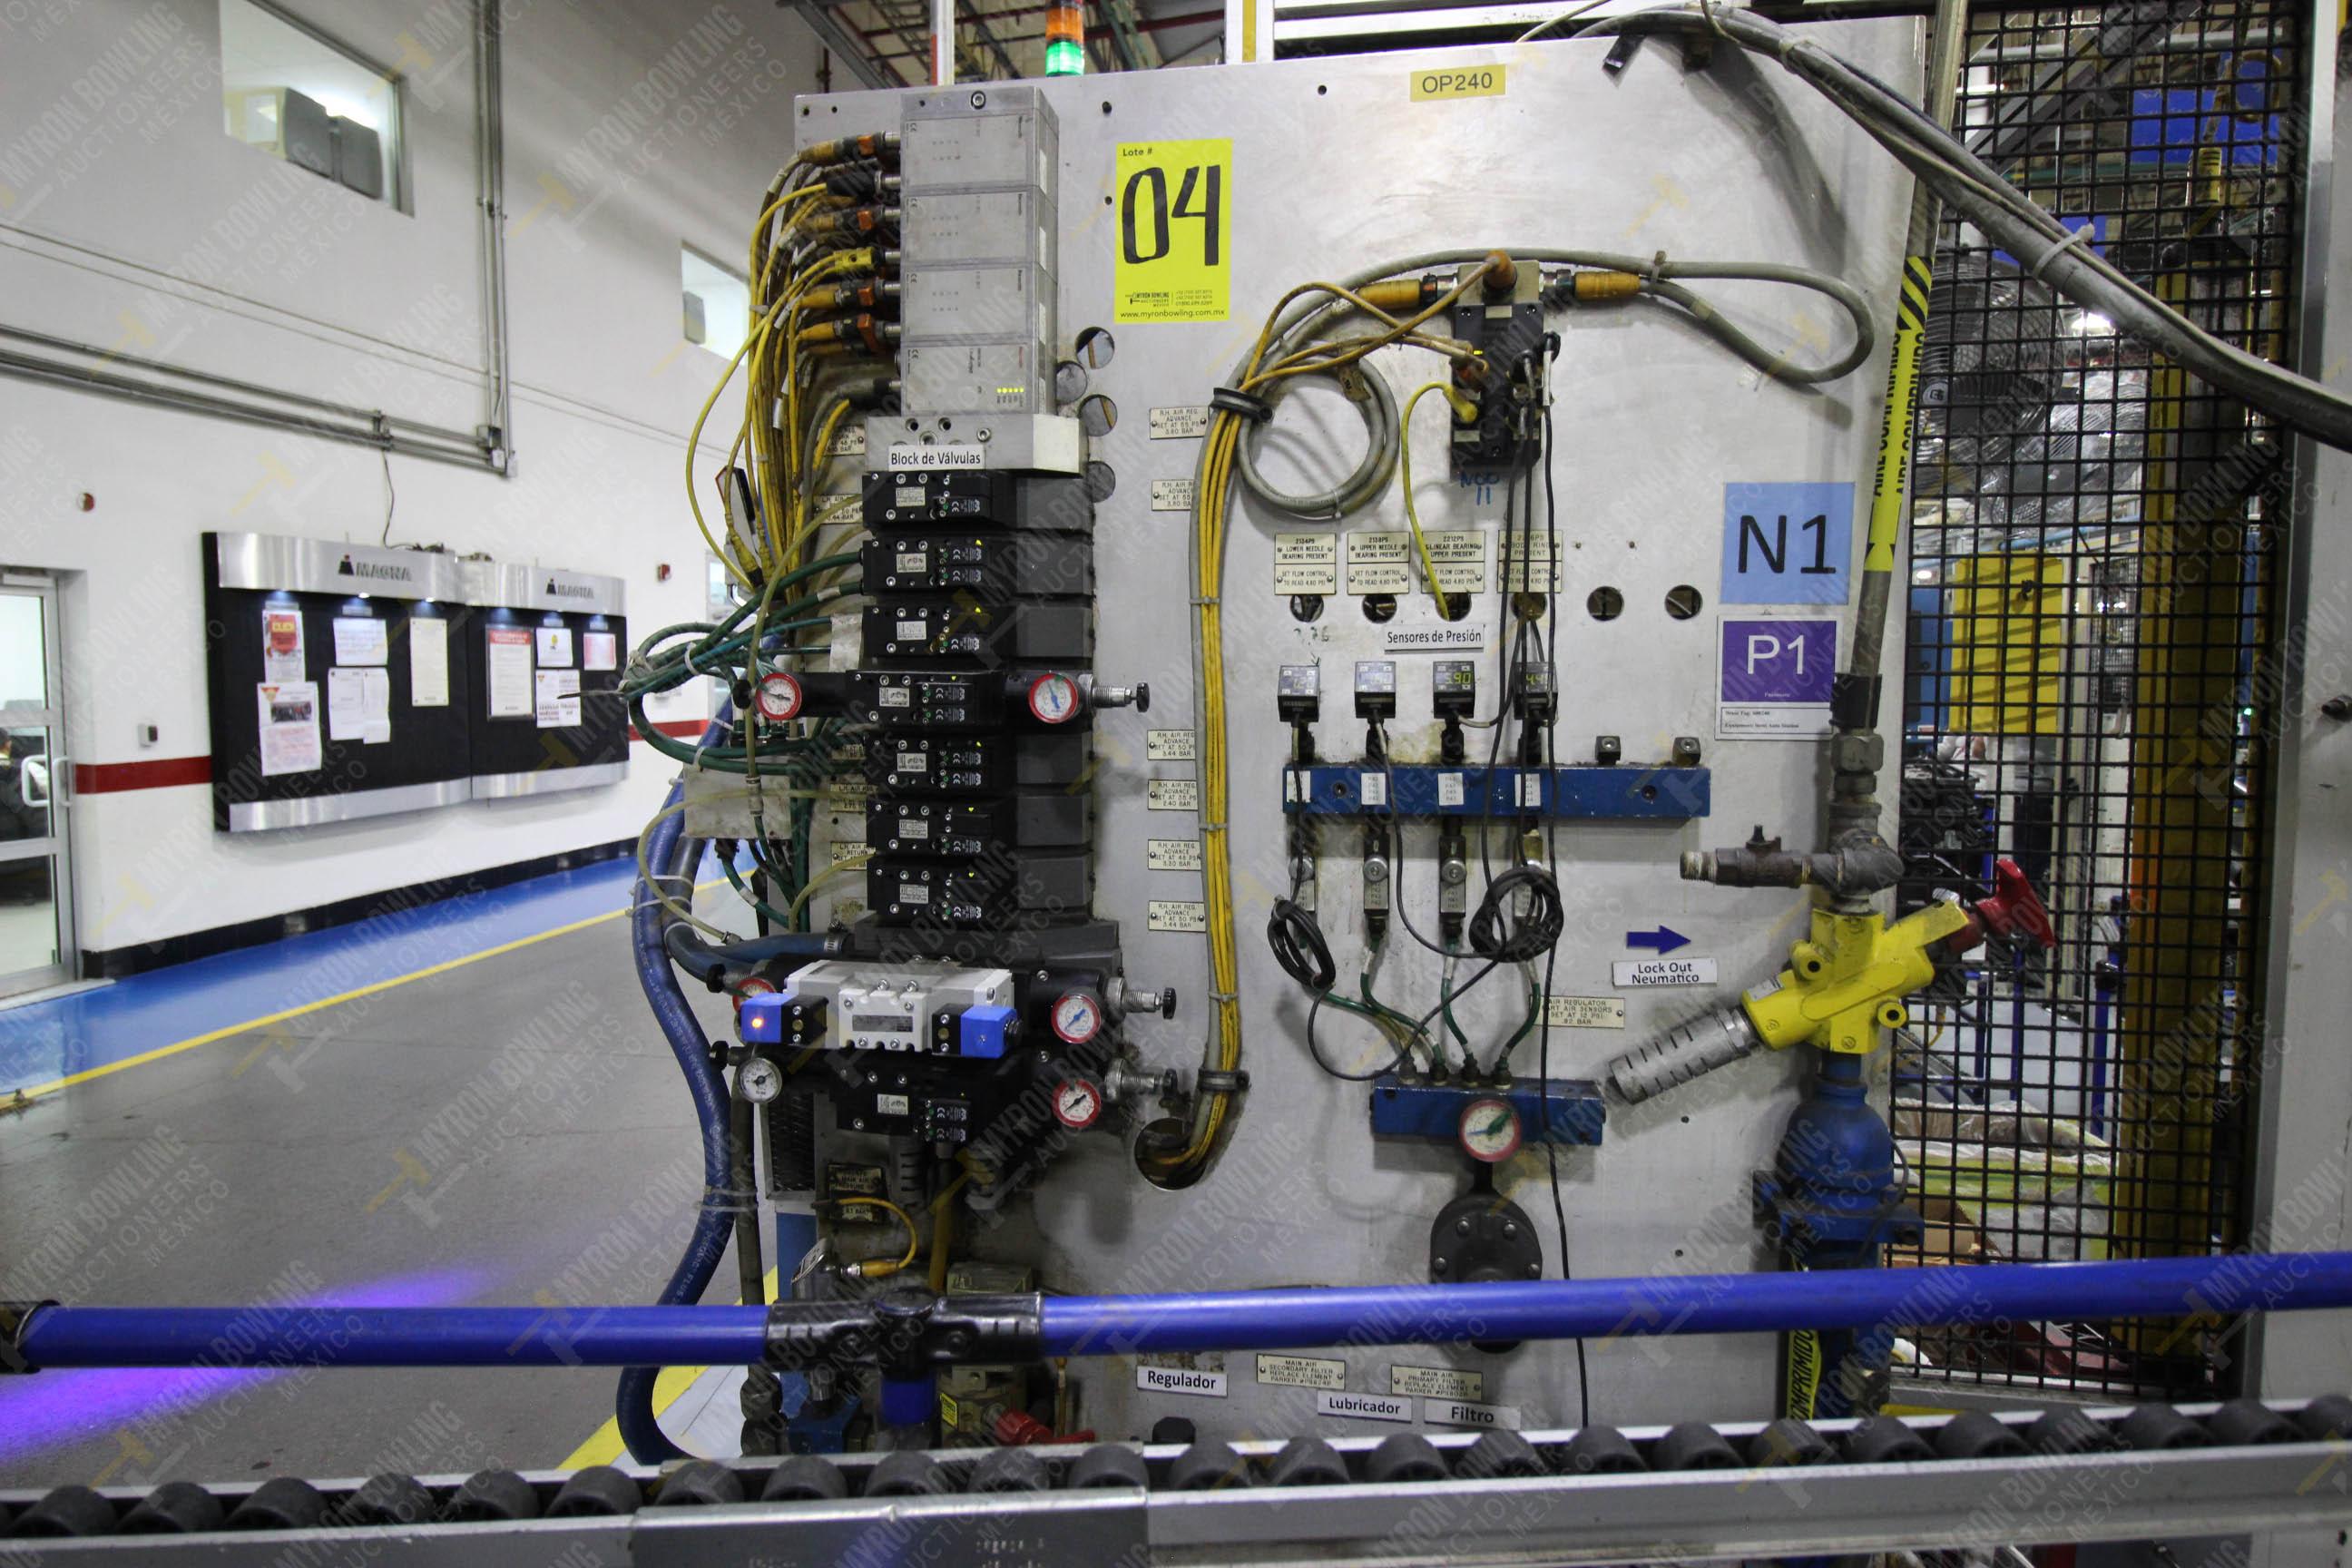 Estación semiautomática para operación 240A de ensamble de balero - Image 8 of 29